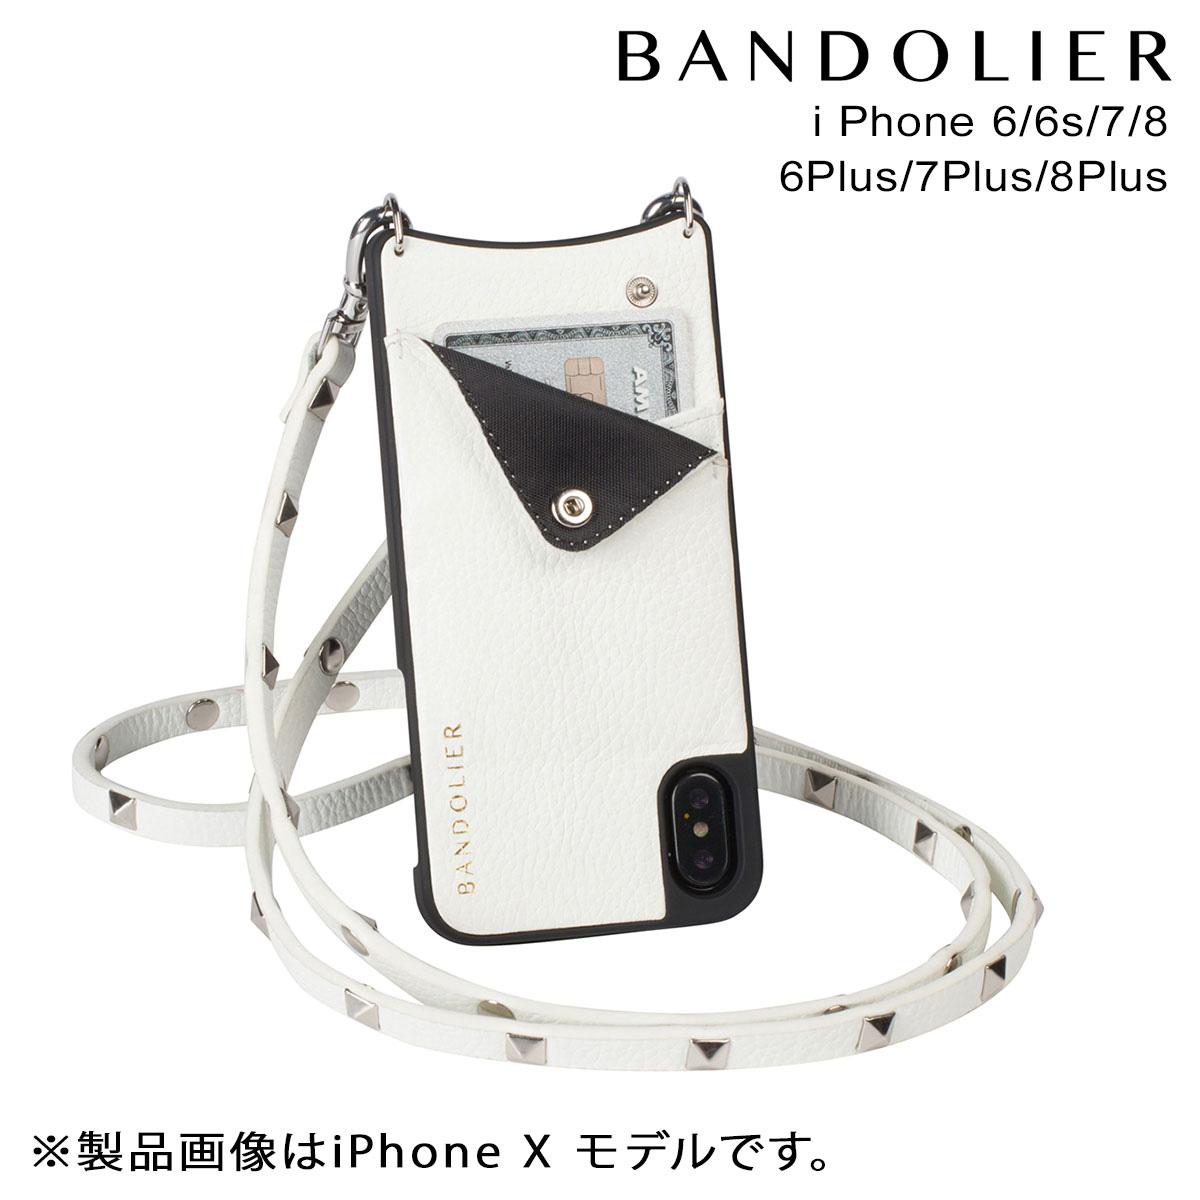 ファッション バンドリヤー 7Plus BANDOLIER iPhone8 iPhone7 7Plus 6s ケース スマホ レディース アイフォン ケース プラス SARAH WHITE レザー メンズ レディース [9/14 再入荷], チキチキ電子:8b415bbf --- canoncity.azurewebsites.net